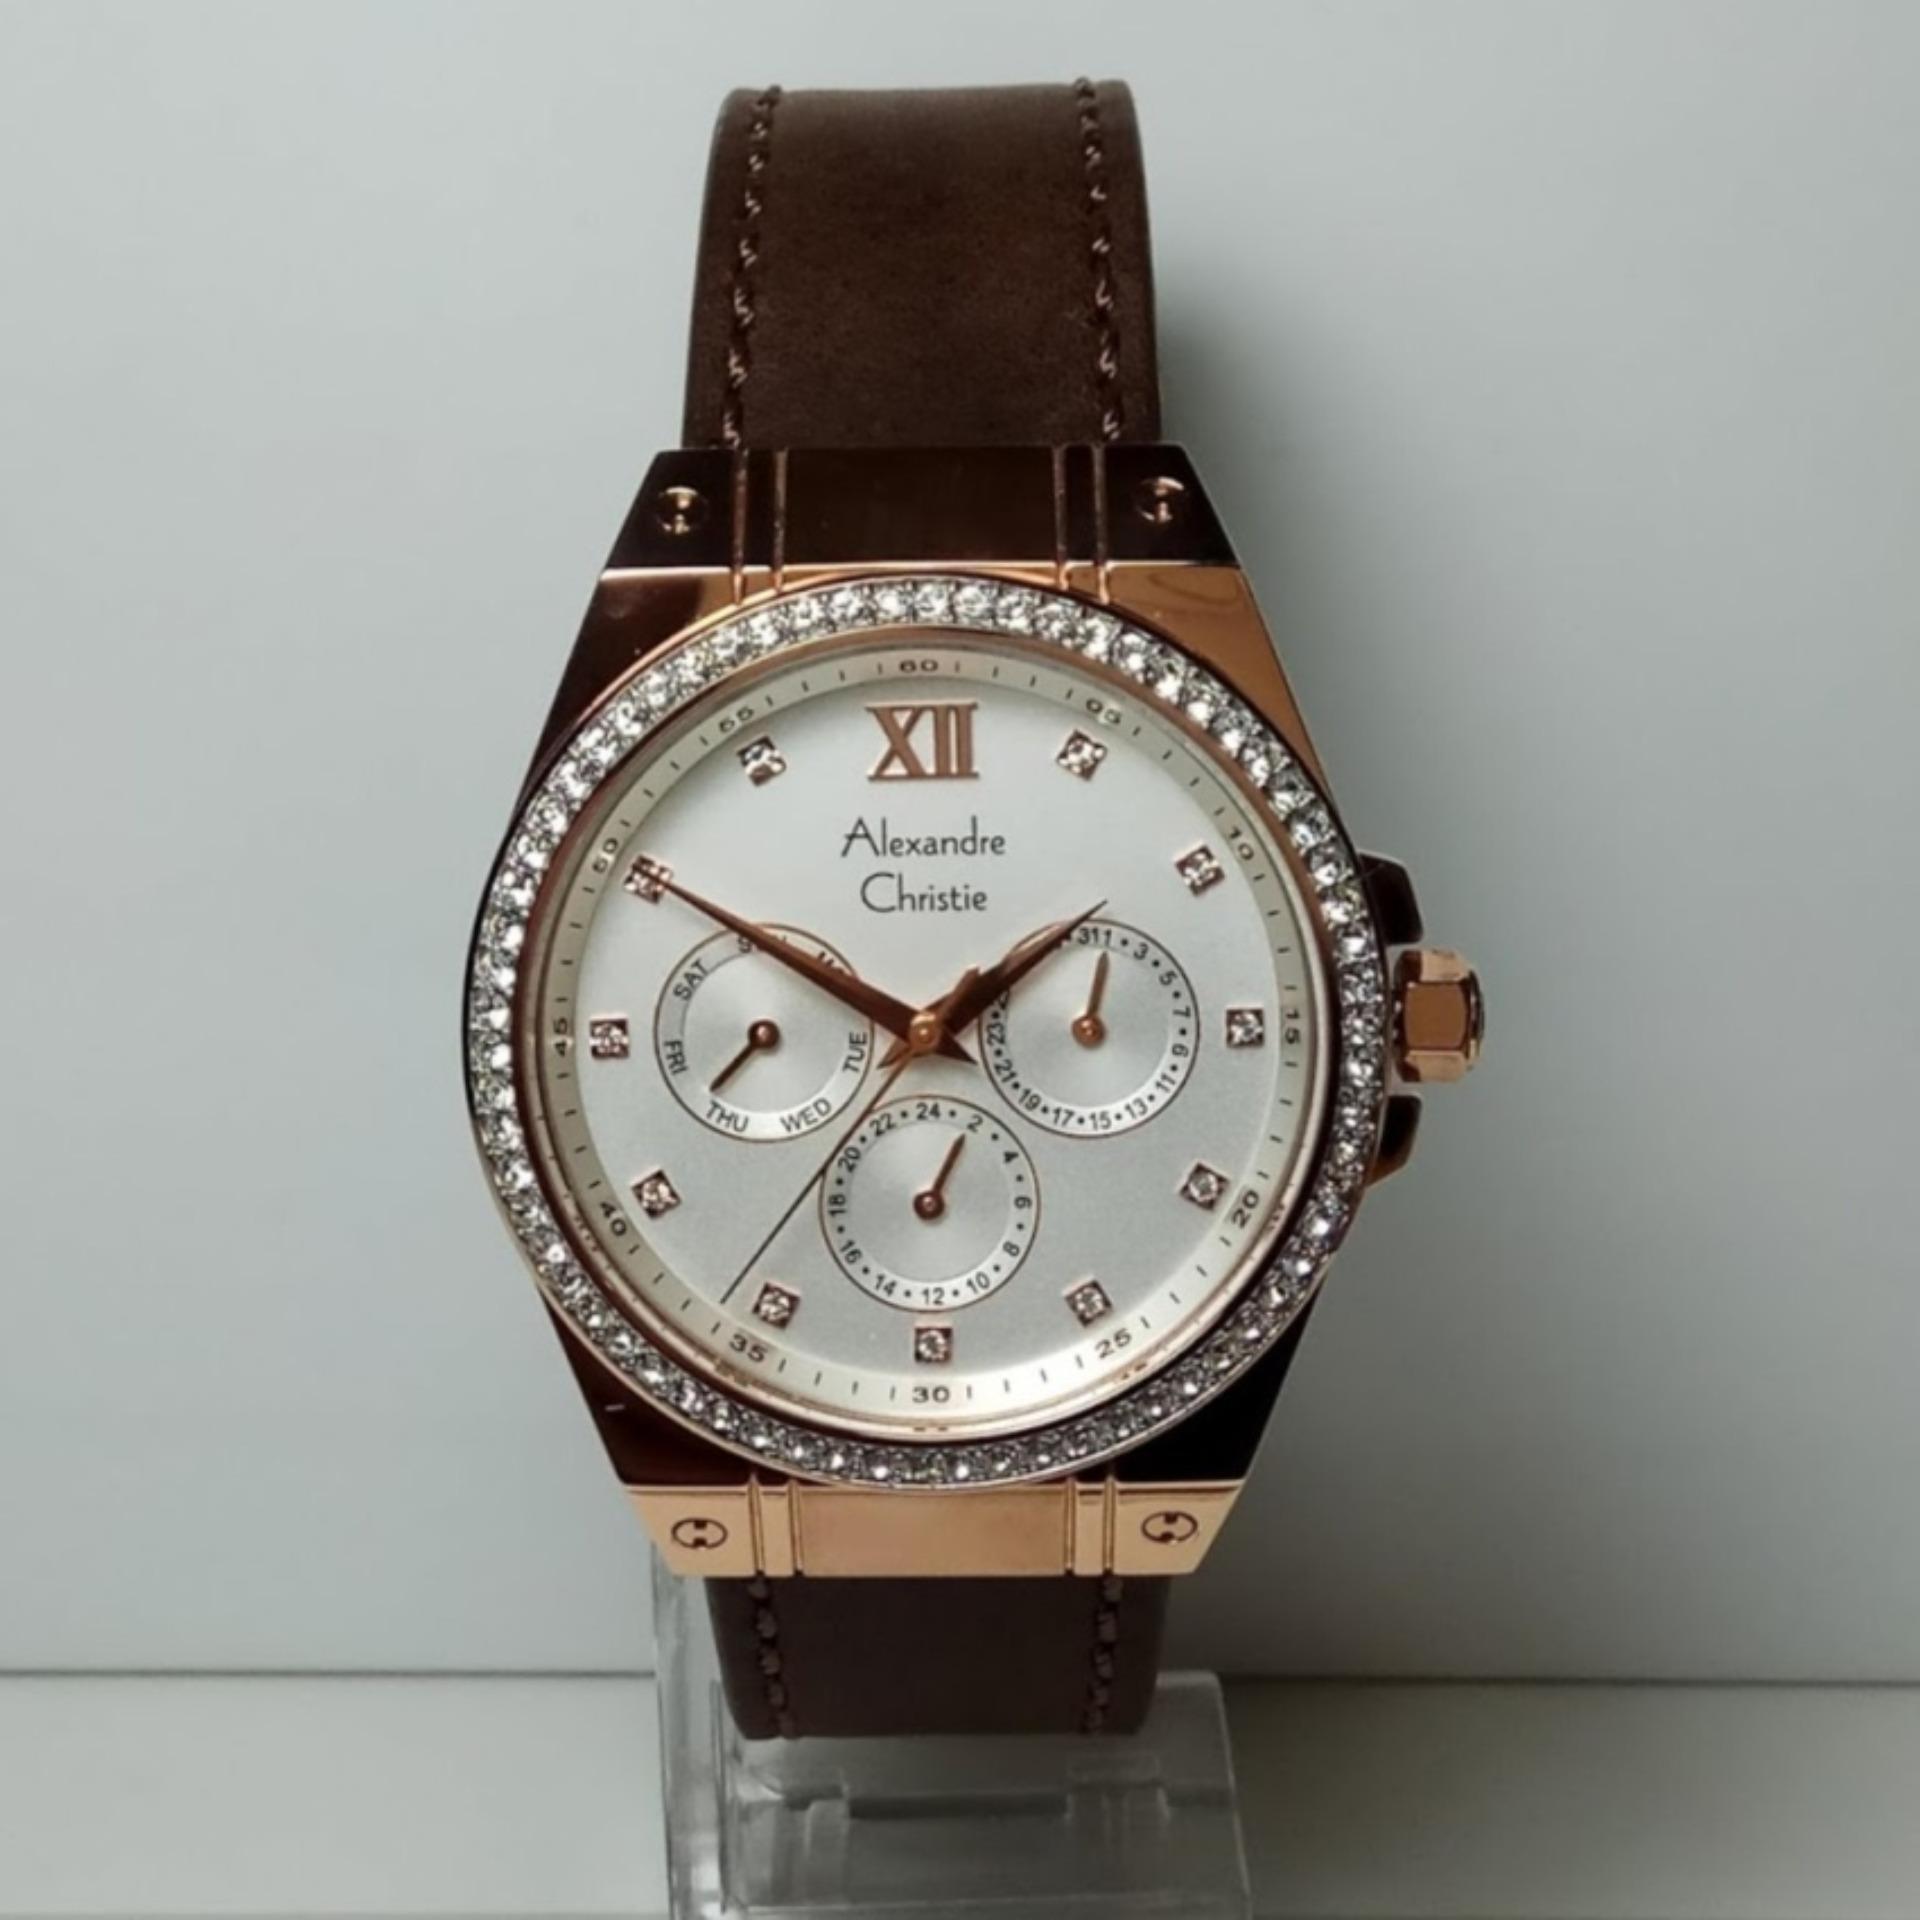 Cari Bandingkan Alexandre Christie Ac 2662 Bf Jam Tangan Wanita 6410mc Silver Stainless Steel Leather Brown